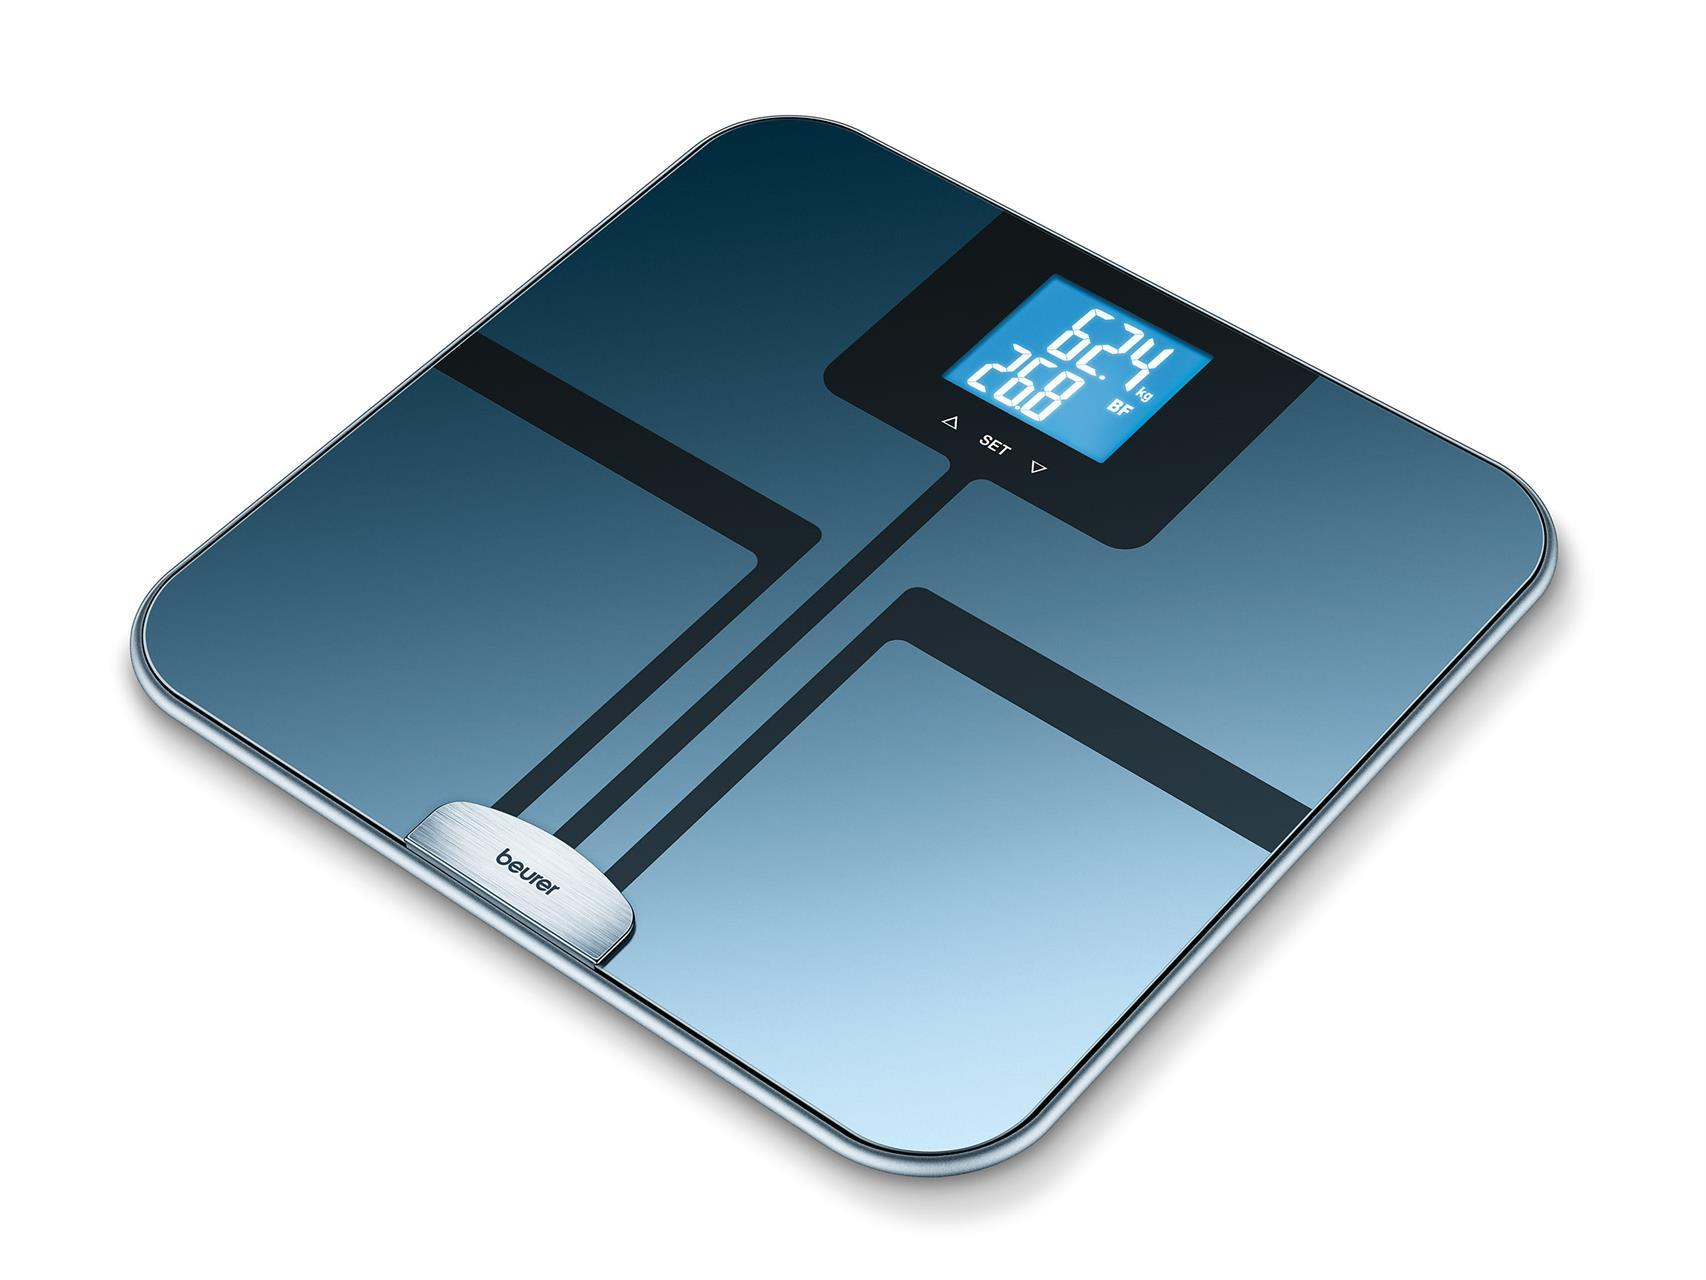 Gå ner i vikt eller få kotroll på din vikt med Beurer personvågar